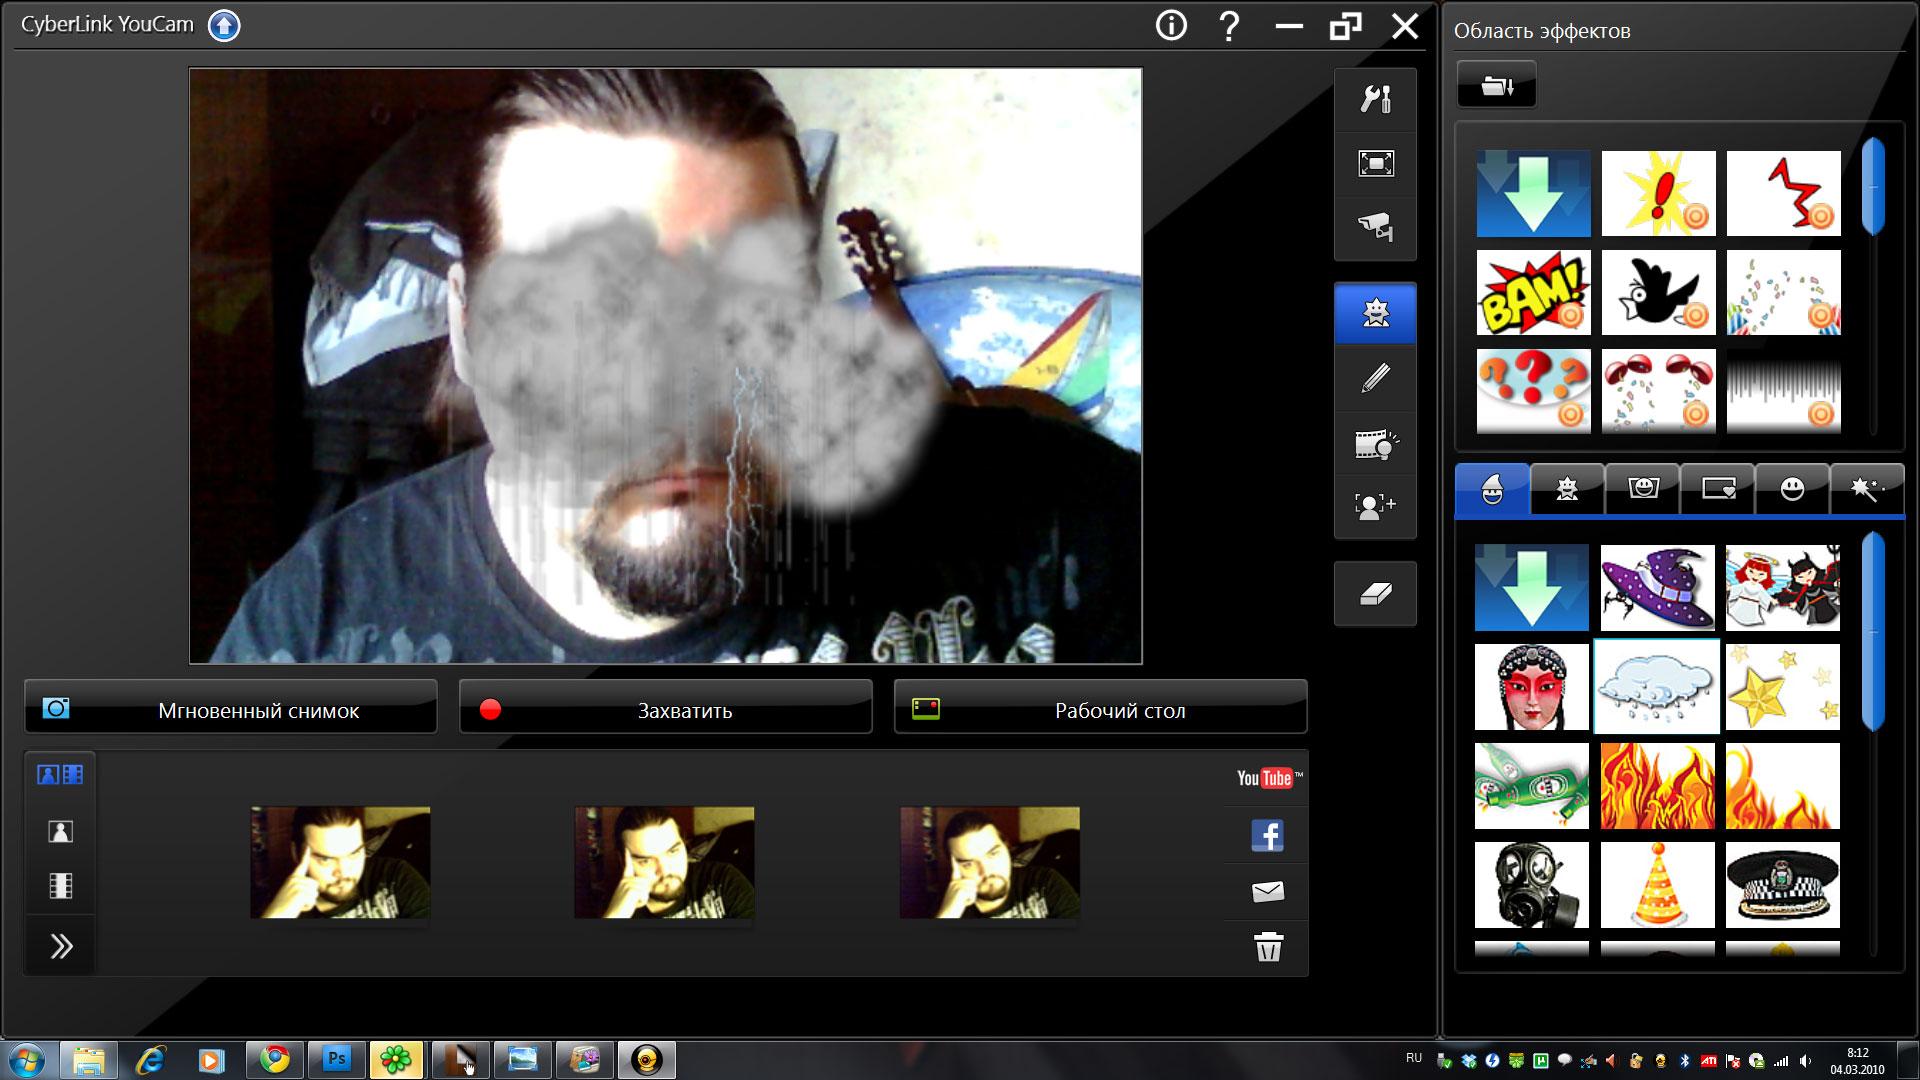 Сайты для того чтобы делать фото с эффектами